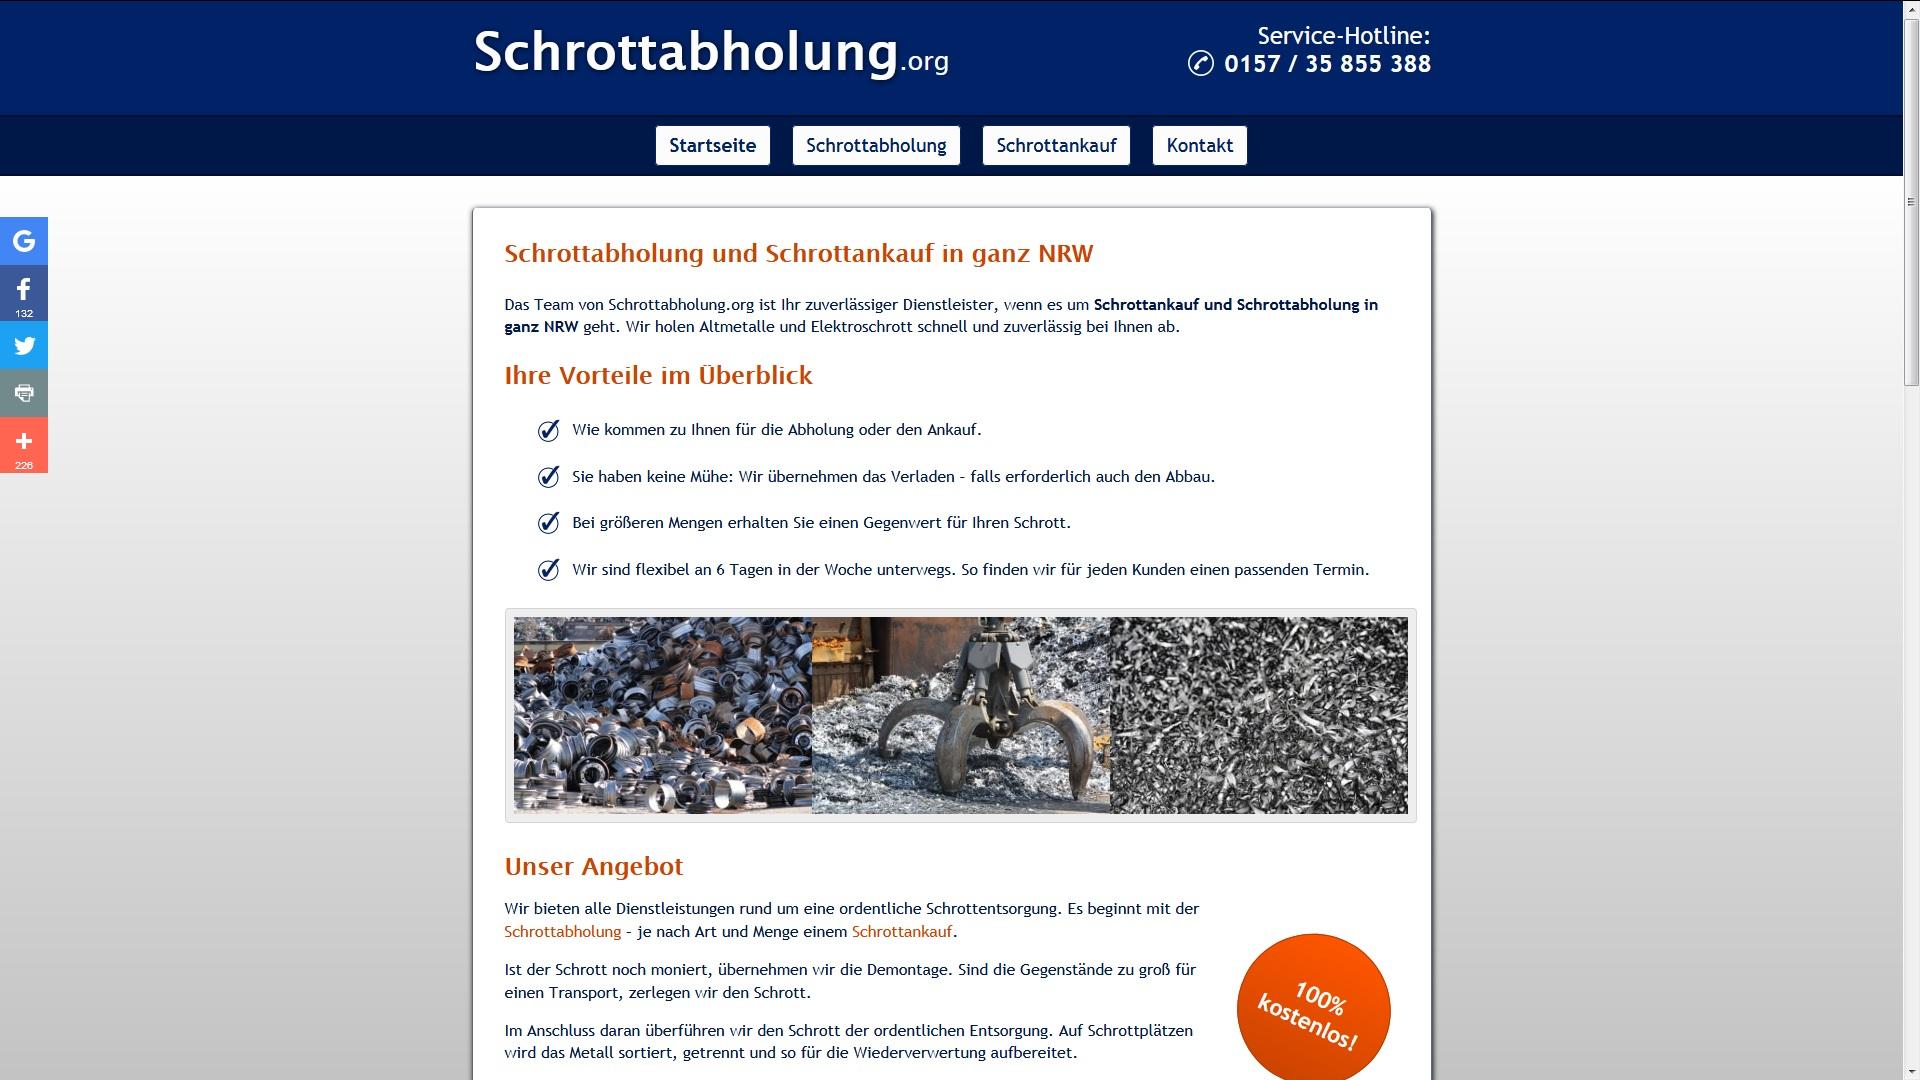 schrottabholung bochum fachgerechte schrottentsorgung im ruhrgebiet - Schrottabholung Bochum – fachgerechte Schrottentsorgung im Ruhrgebiet